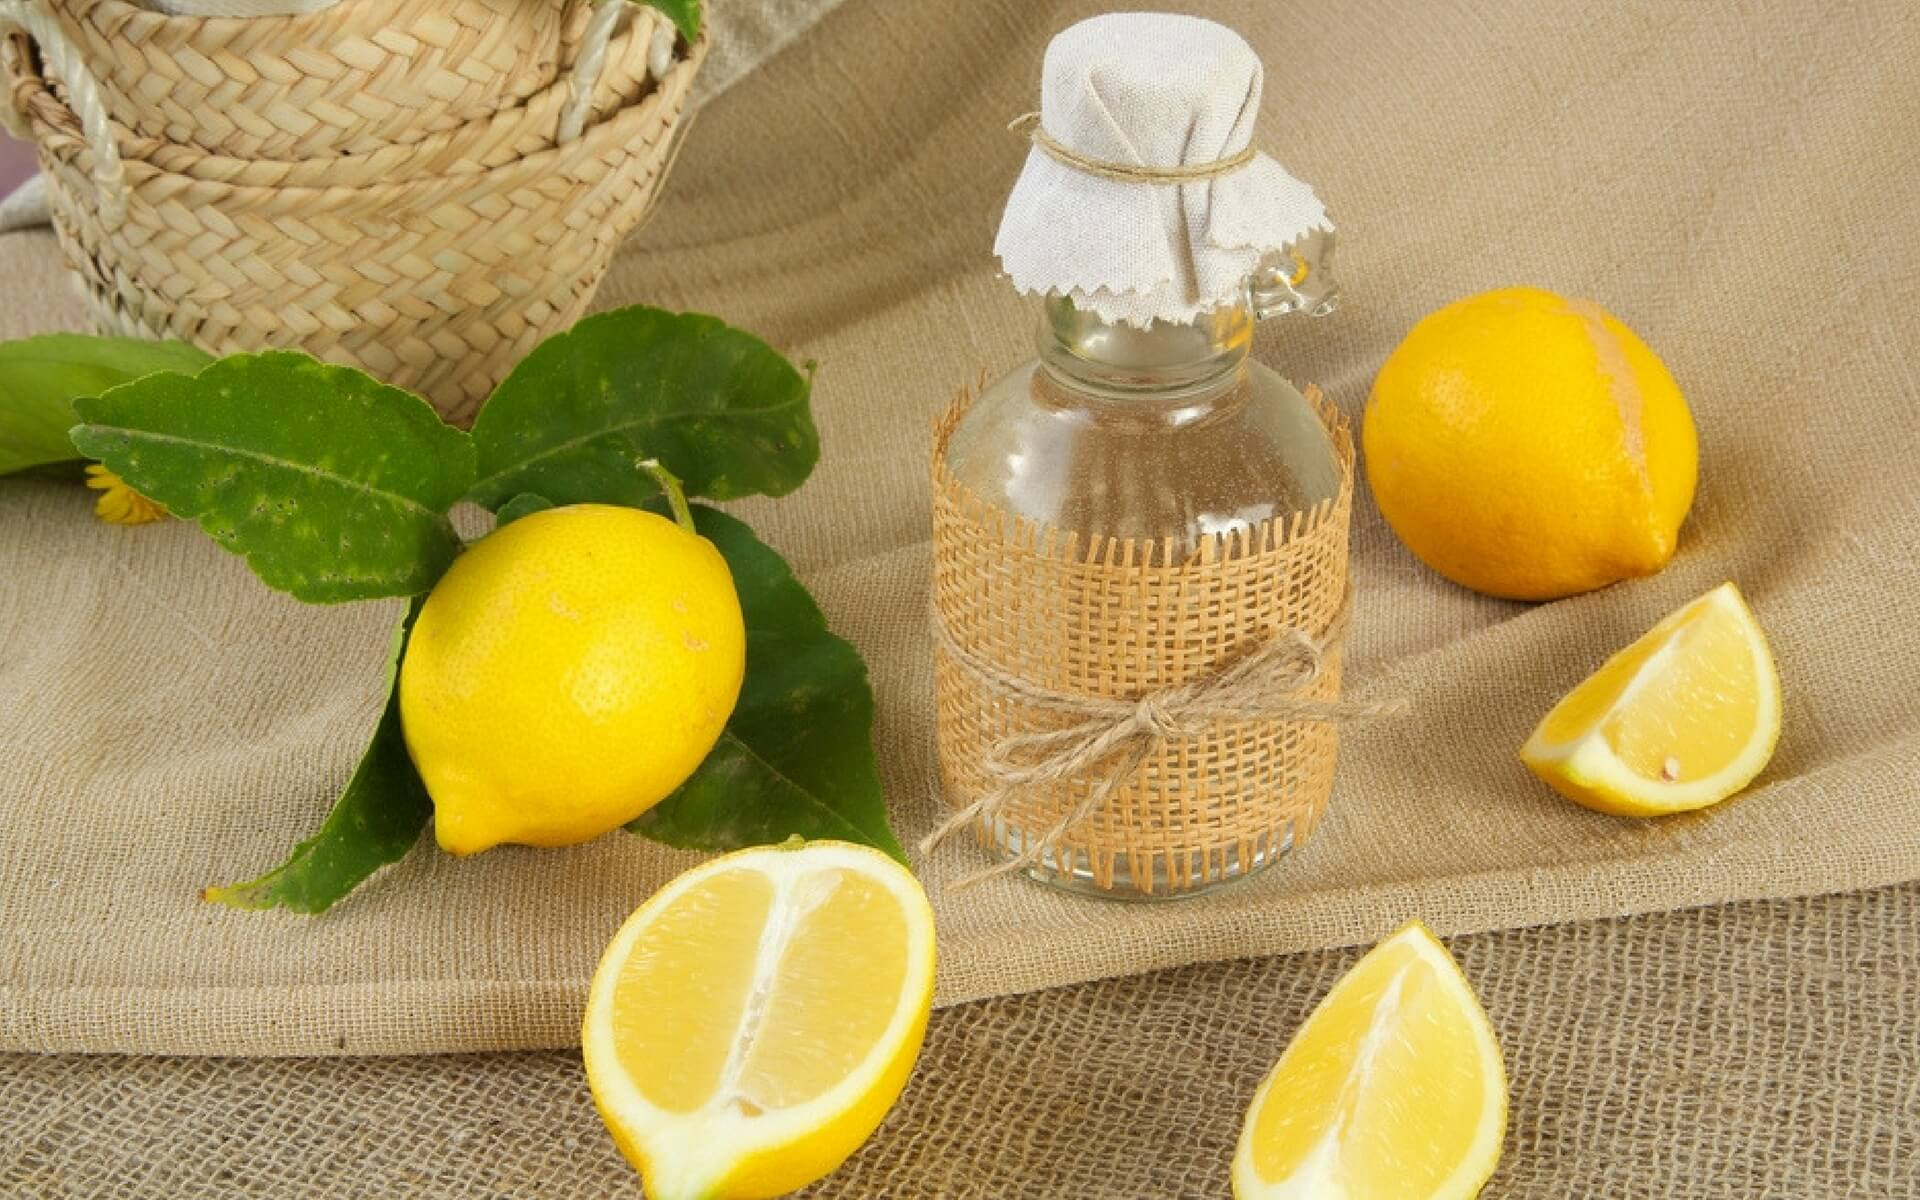 Come liminare adesivi dal vetro com limome e aceto